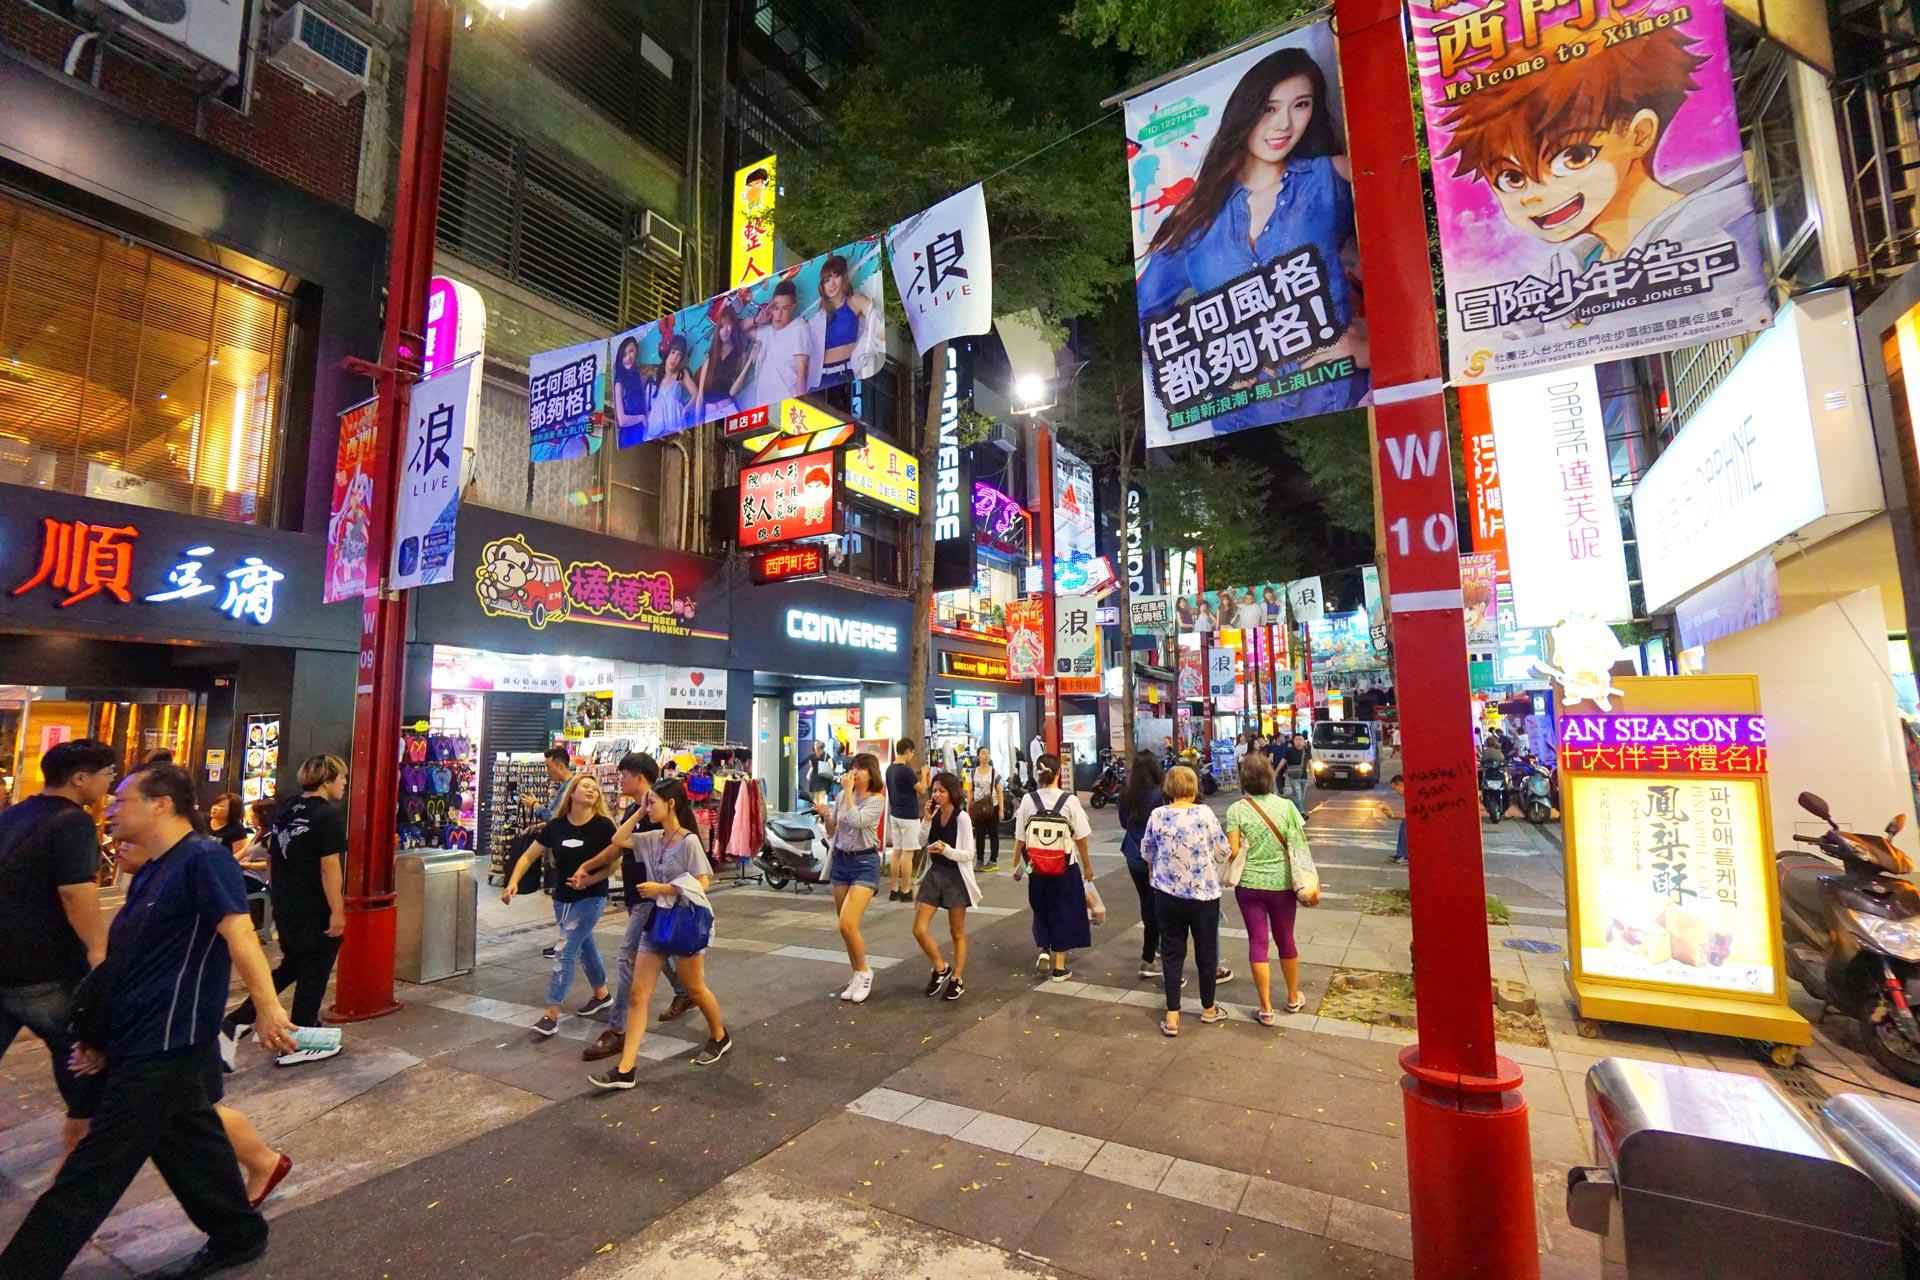 Bunte Werbung in der Die Ximending Shopping Street